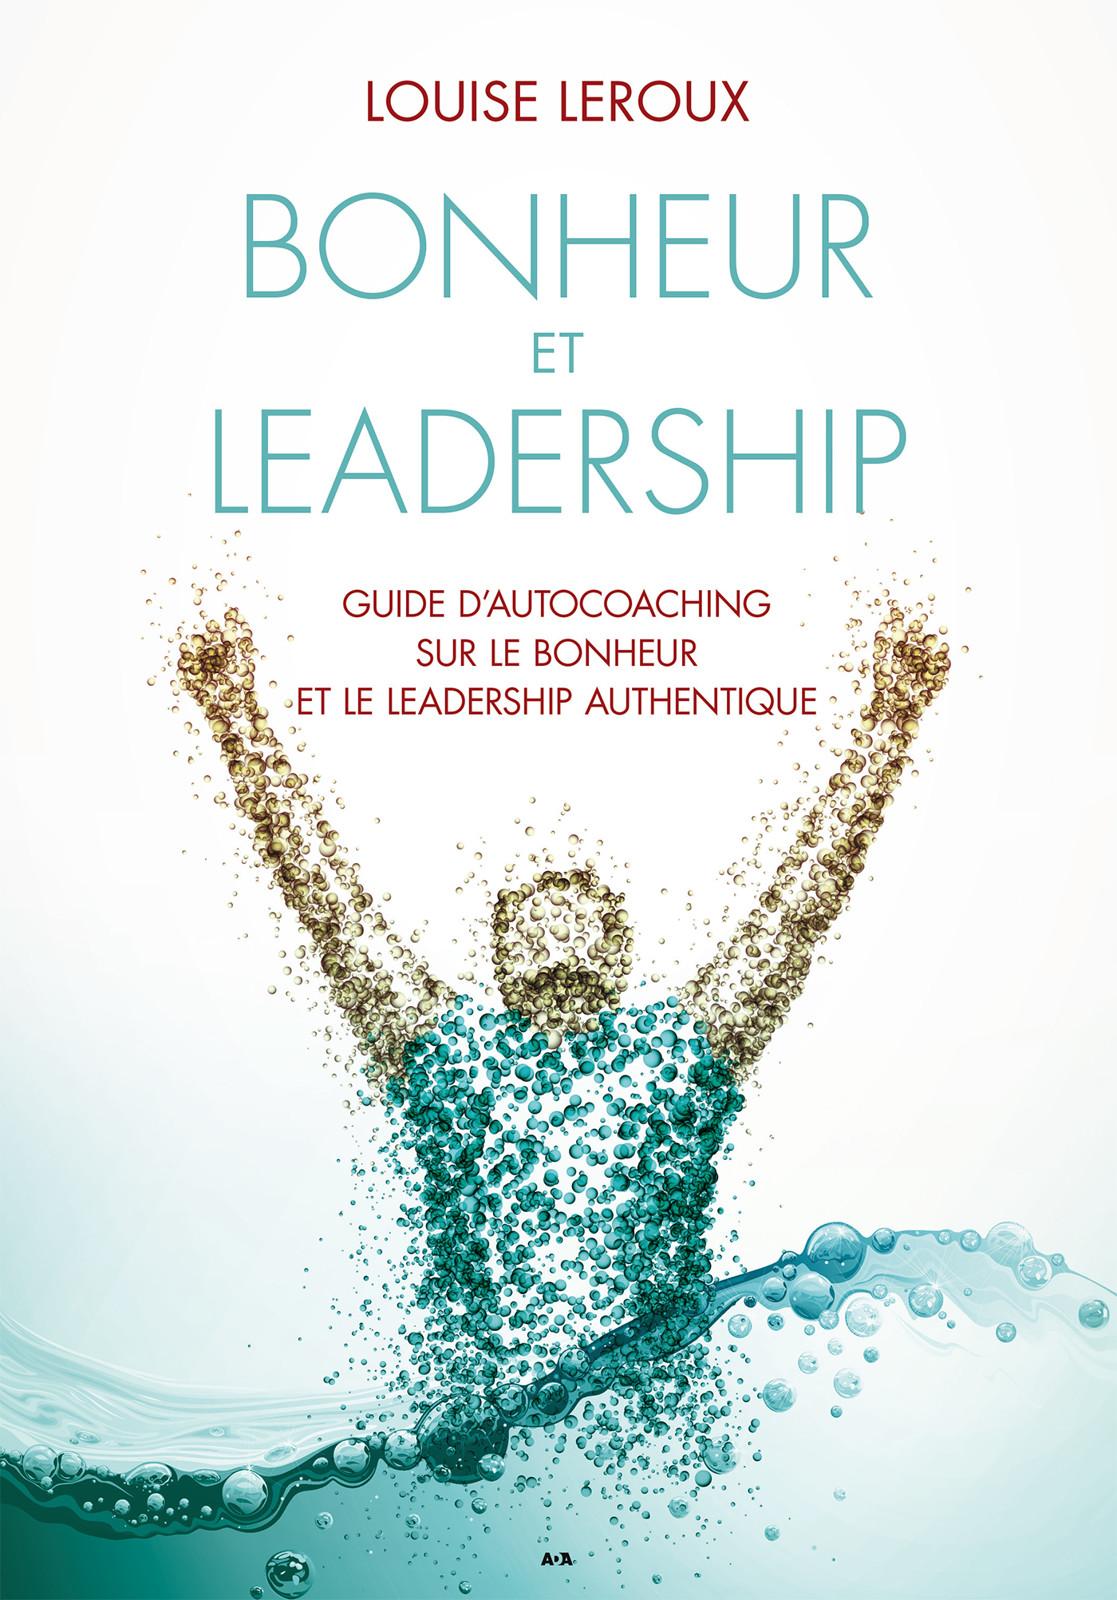 Bonheur et leadership, Guide d'autocoaching sur le bonheur et le leadership authentique